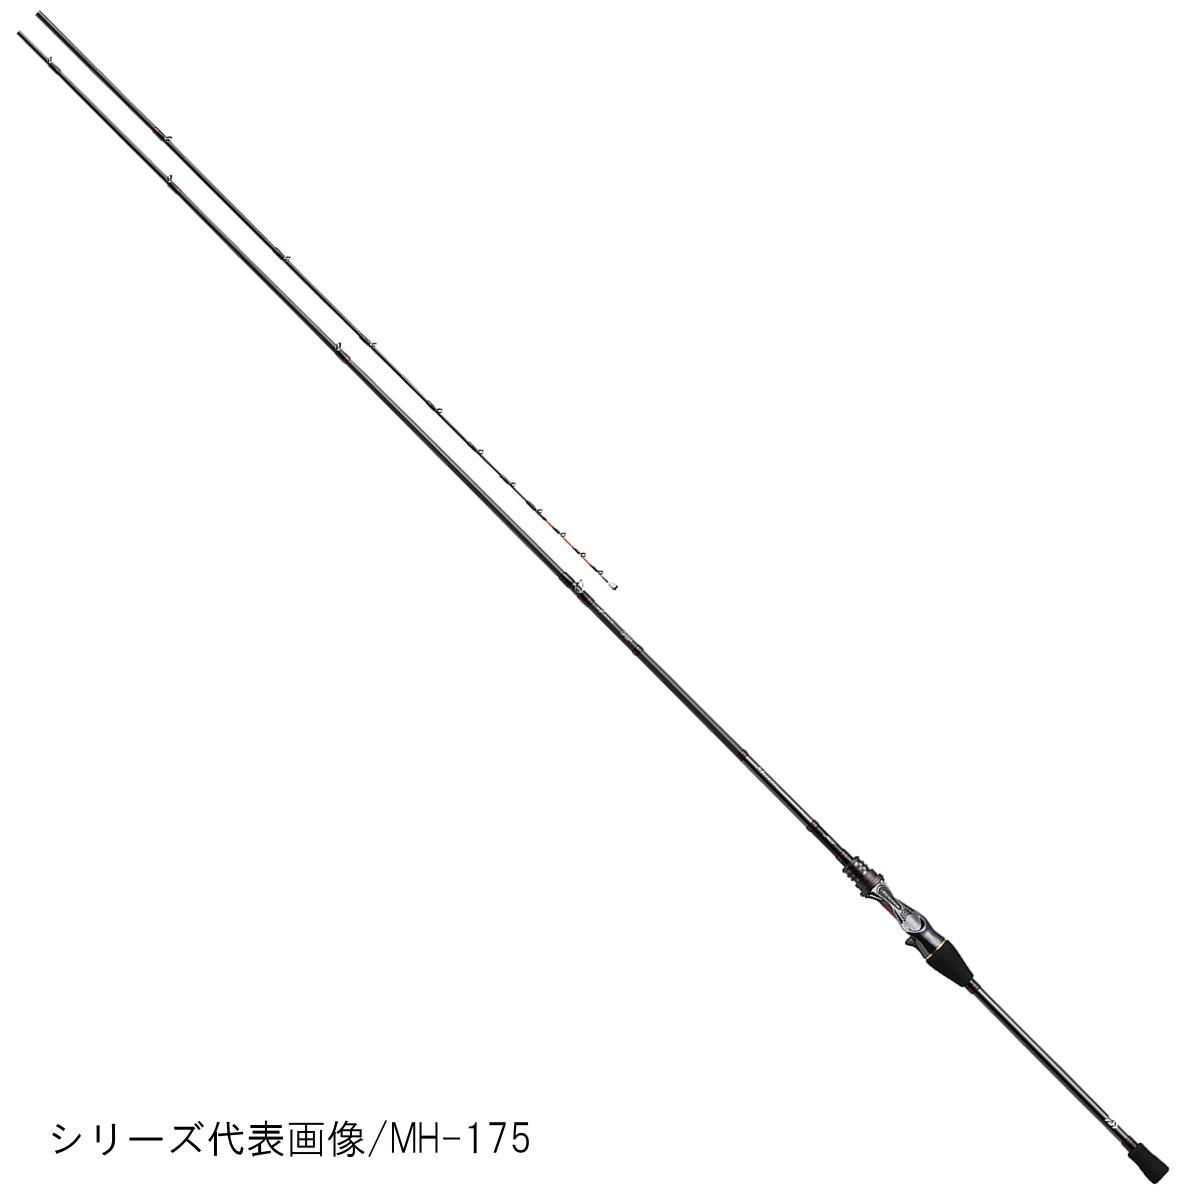 メタリア カワハギ MHH-175 ダイワ【大型商品】【同梱不可】